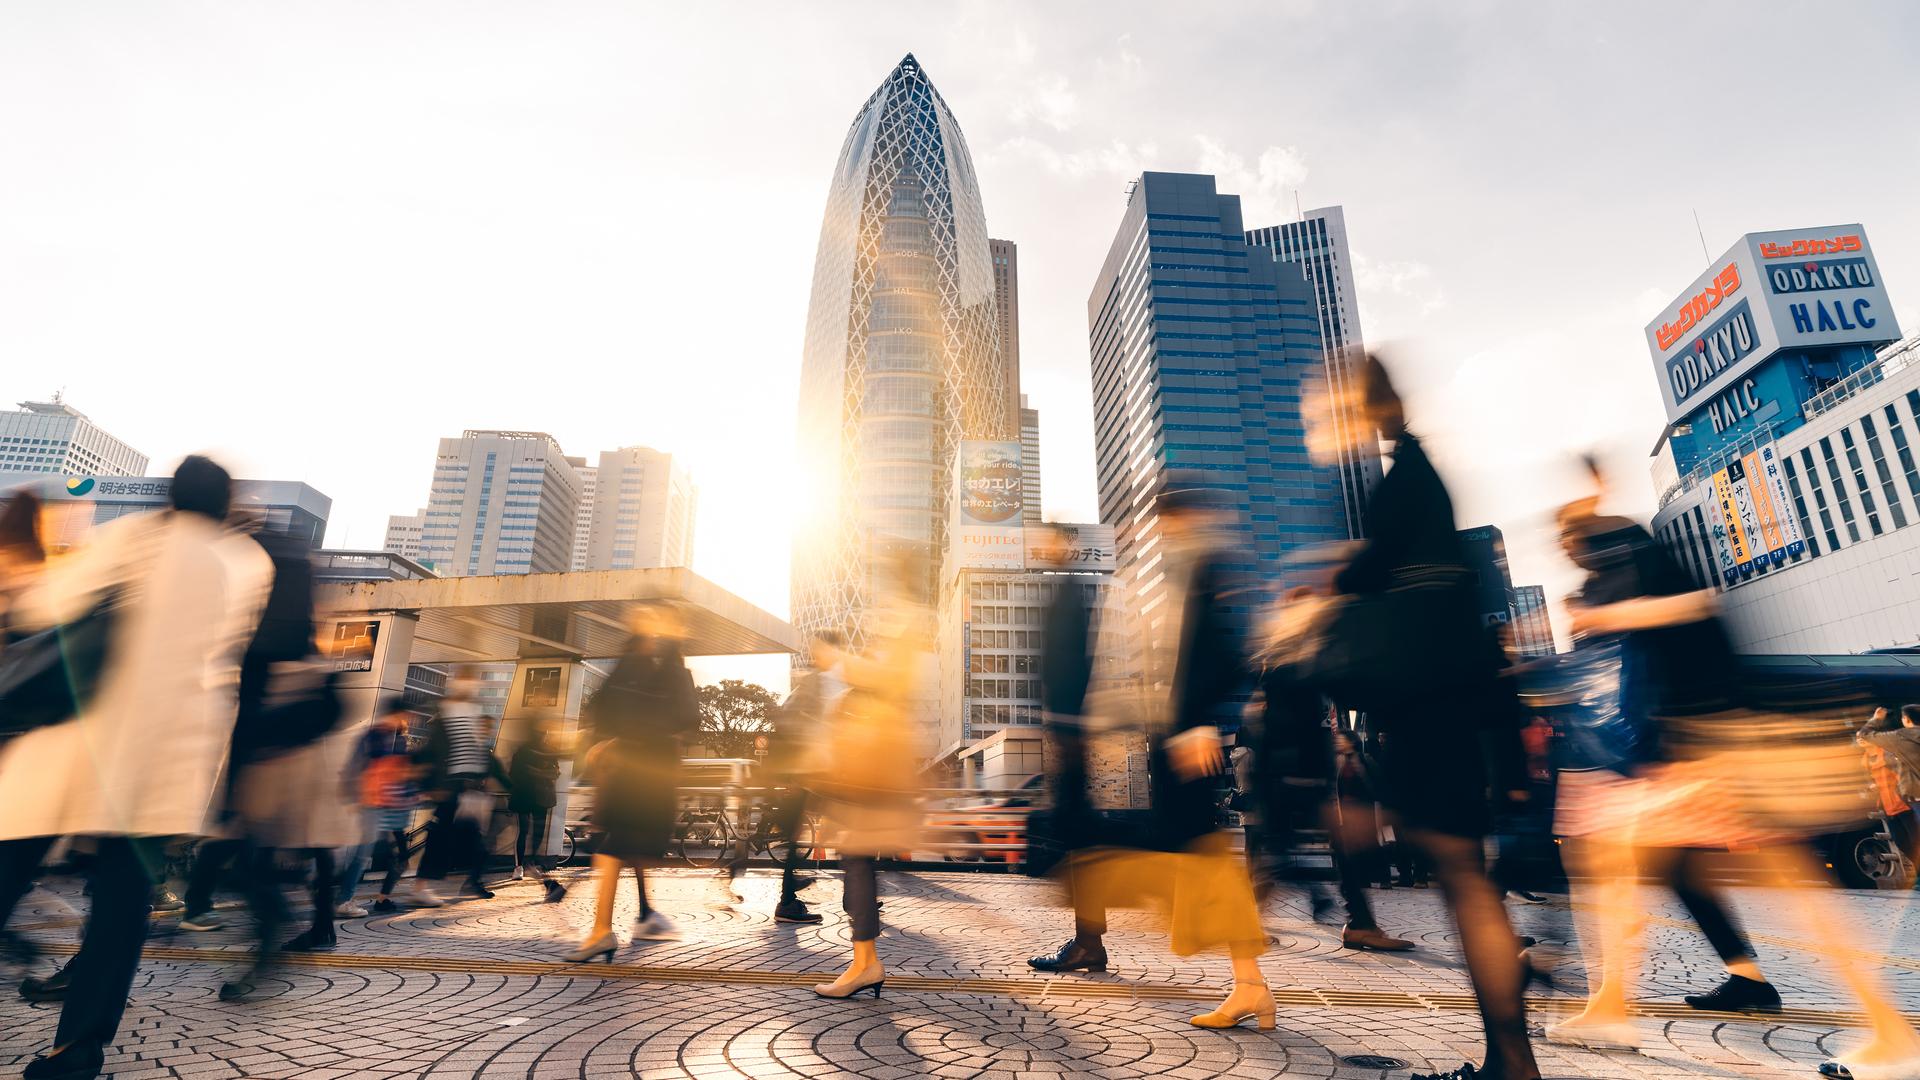 People walking through city